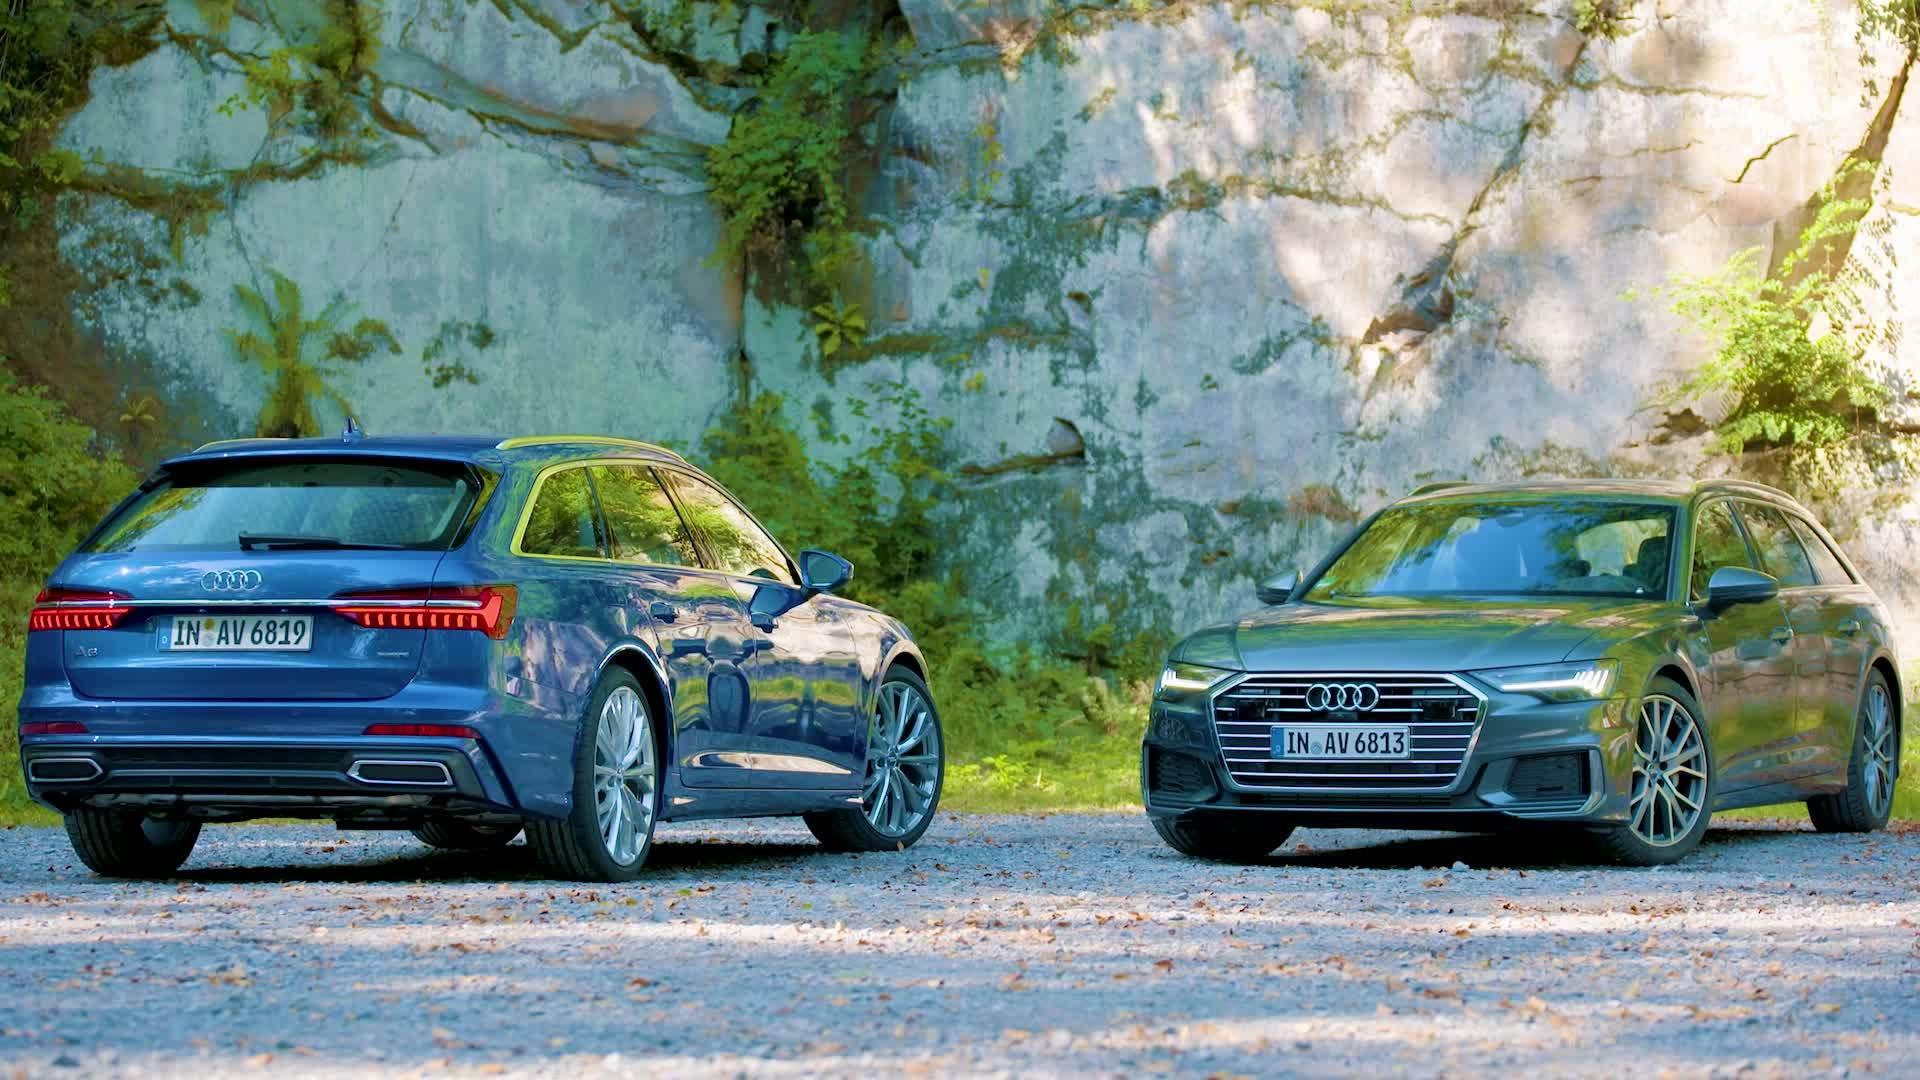 Praktisch. Schön. Sportlich. Der neue Audi A6 Avant